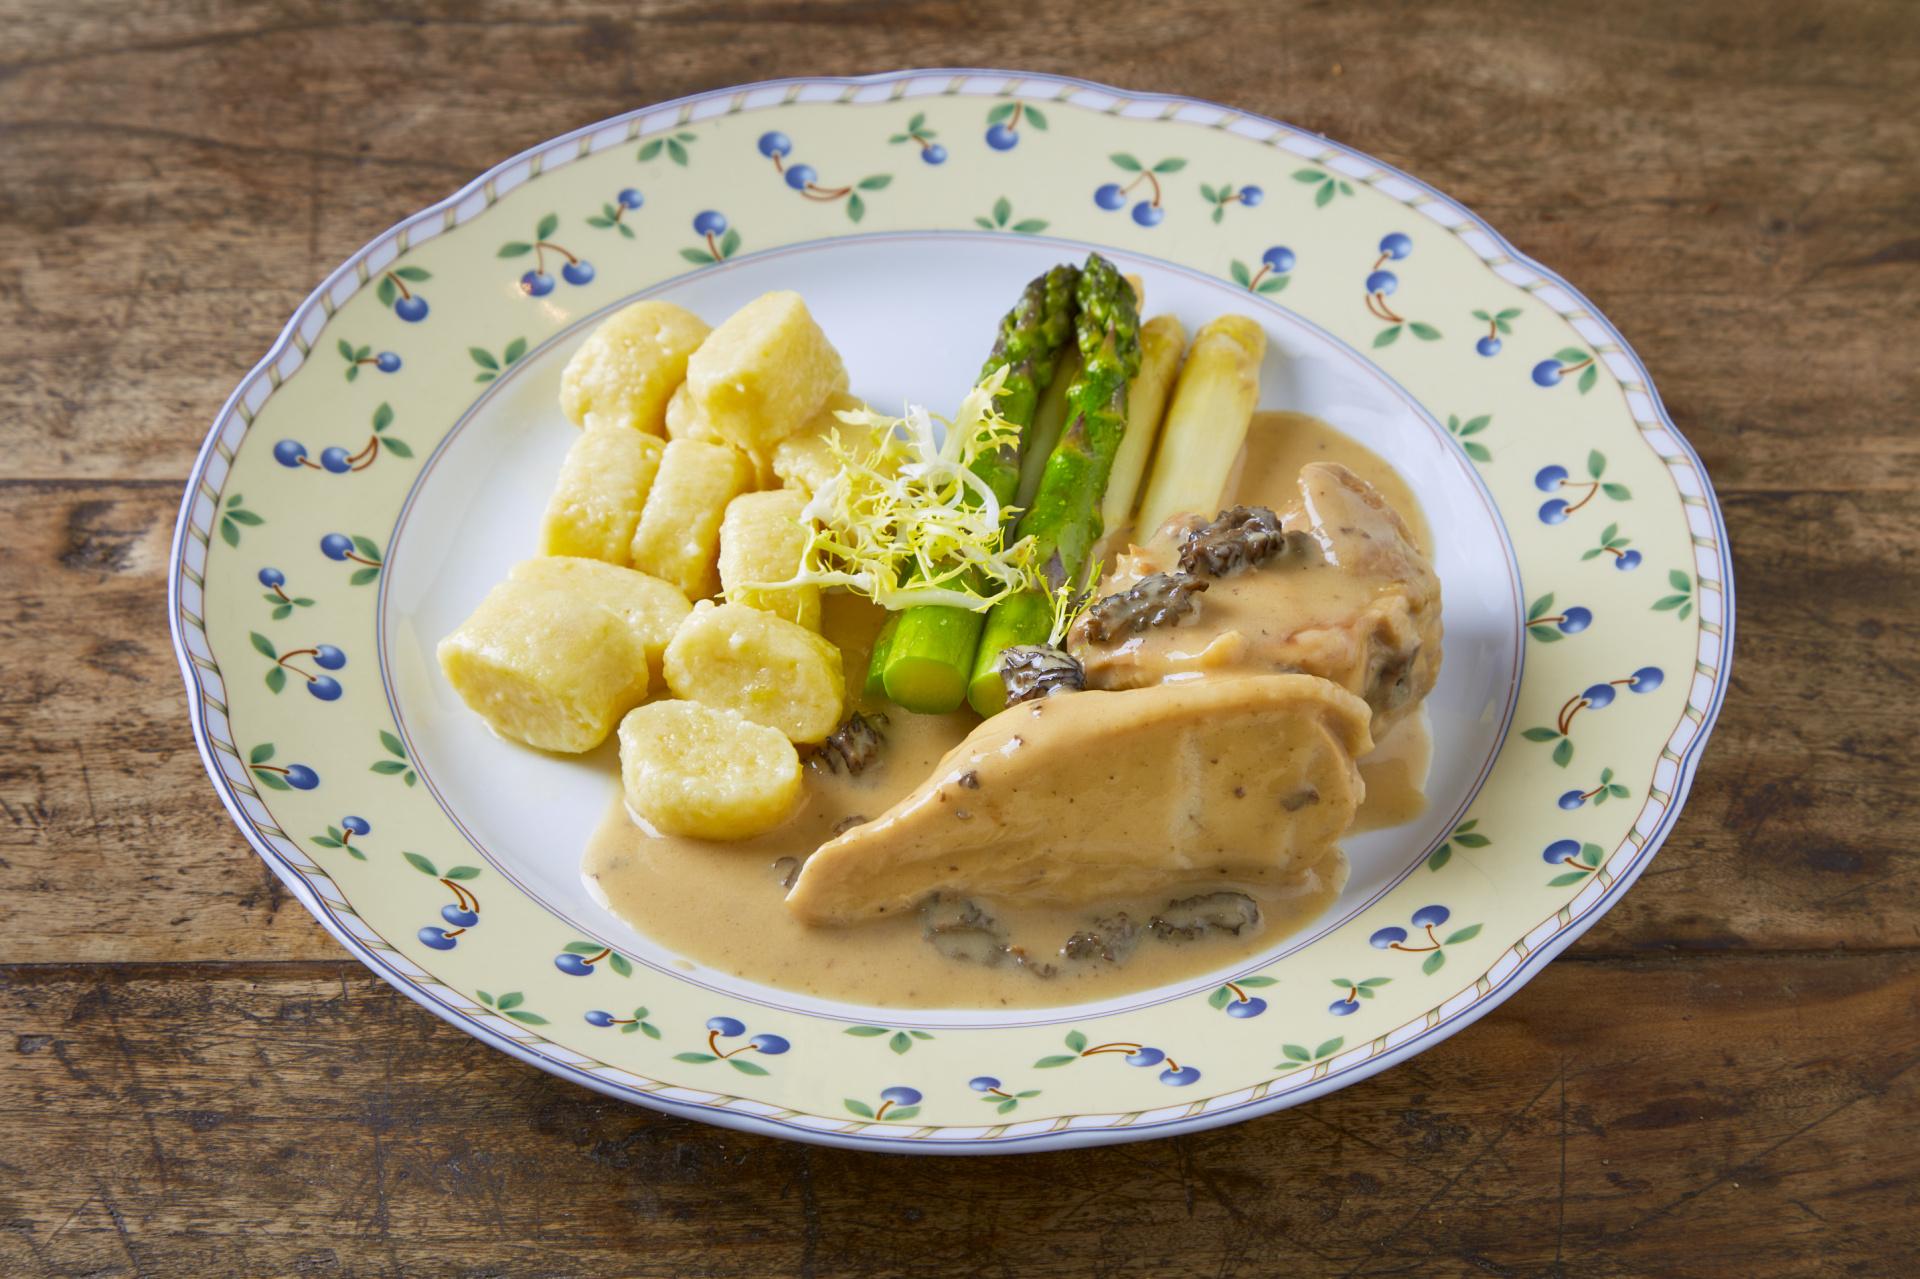 Dušené kuře ve smetanové omáčce se smrži, mladé brambory a chřest